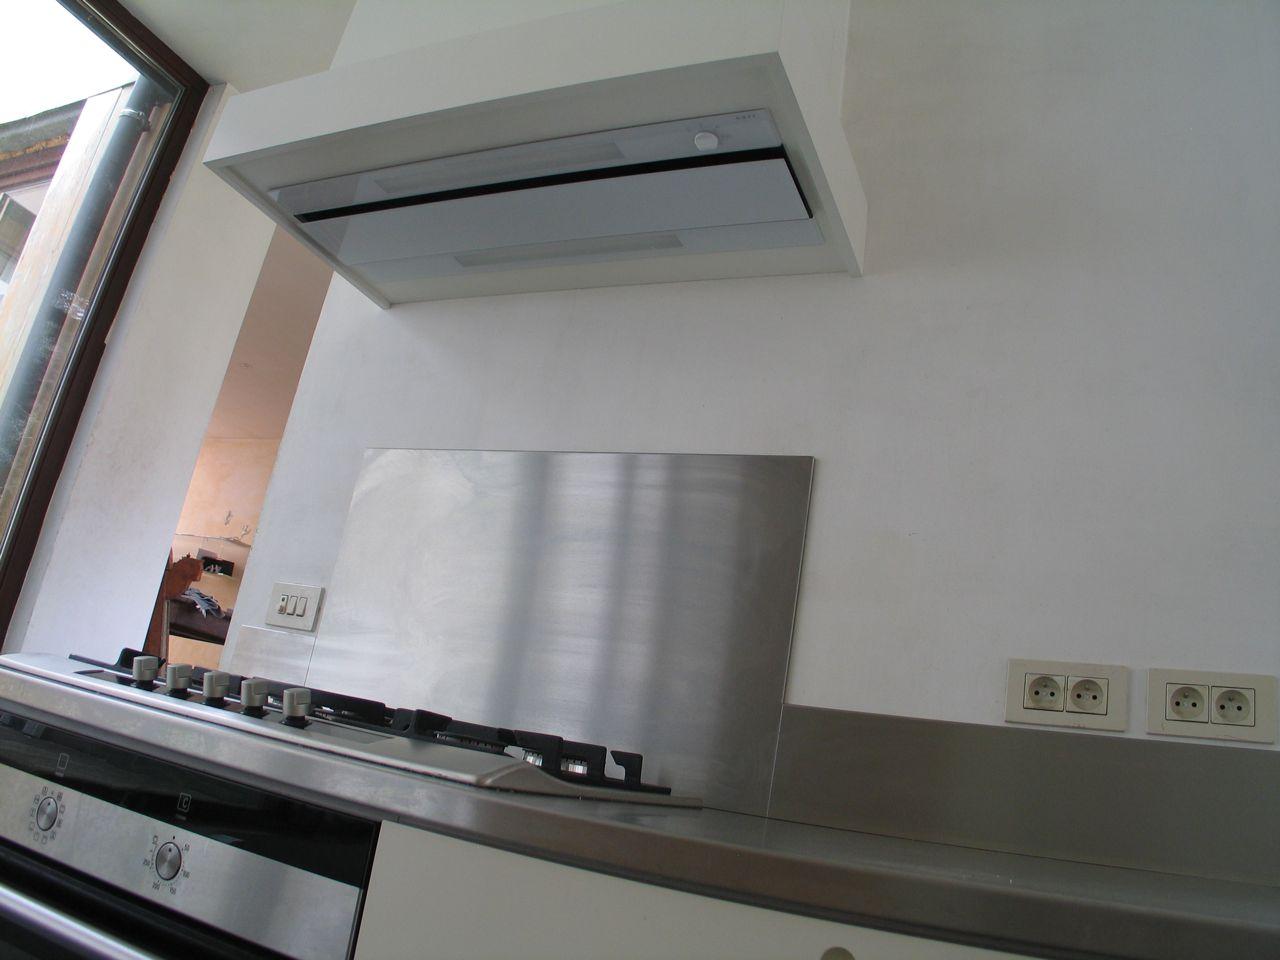 Inox Keuken Plaat : De dampafzuigkap is een toestel met glasplaatafwerking onderaan en is